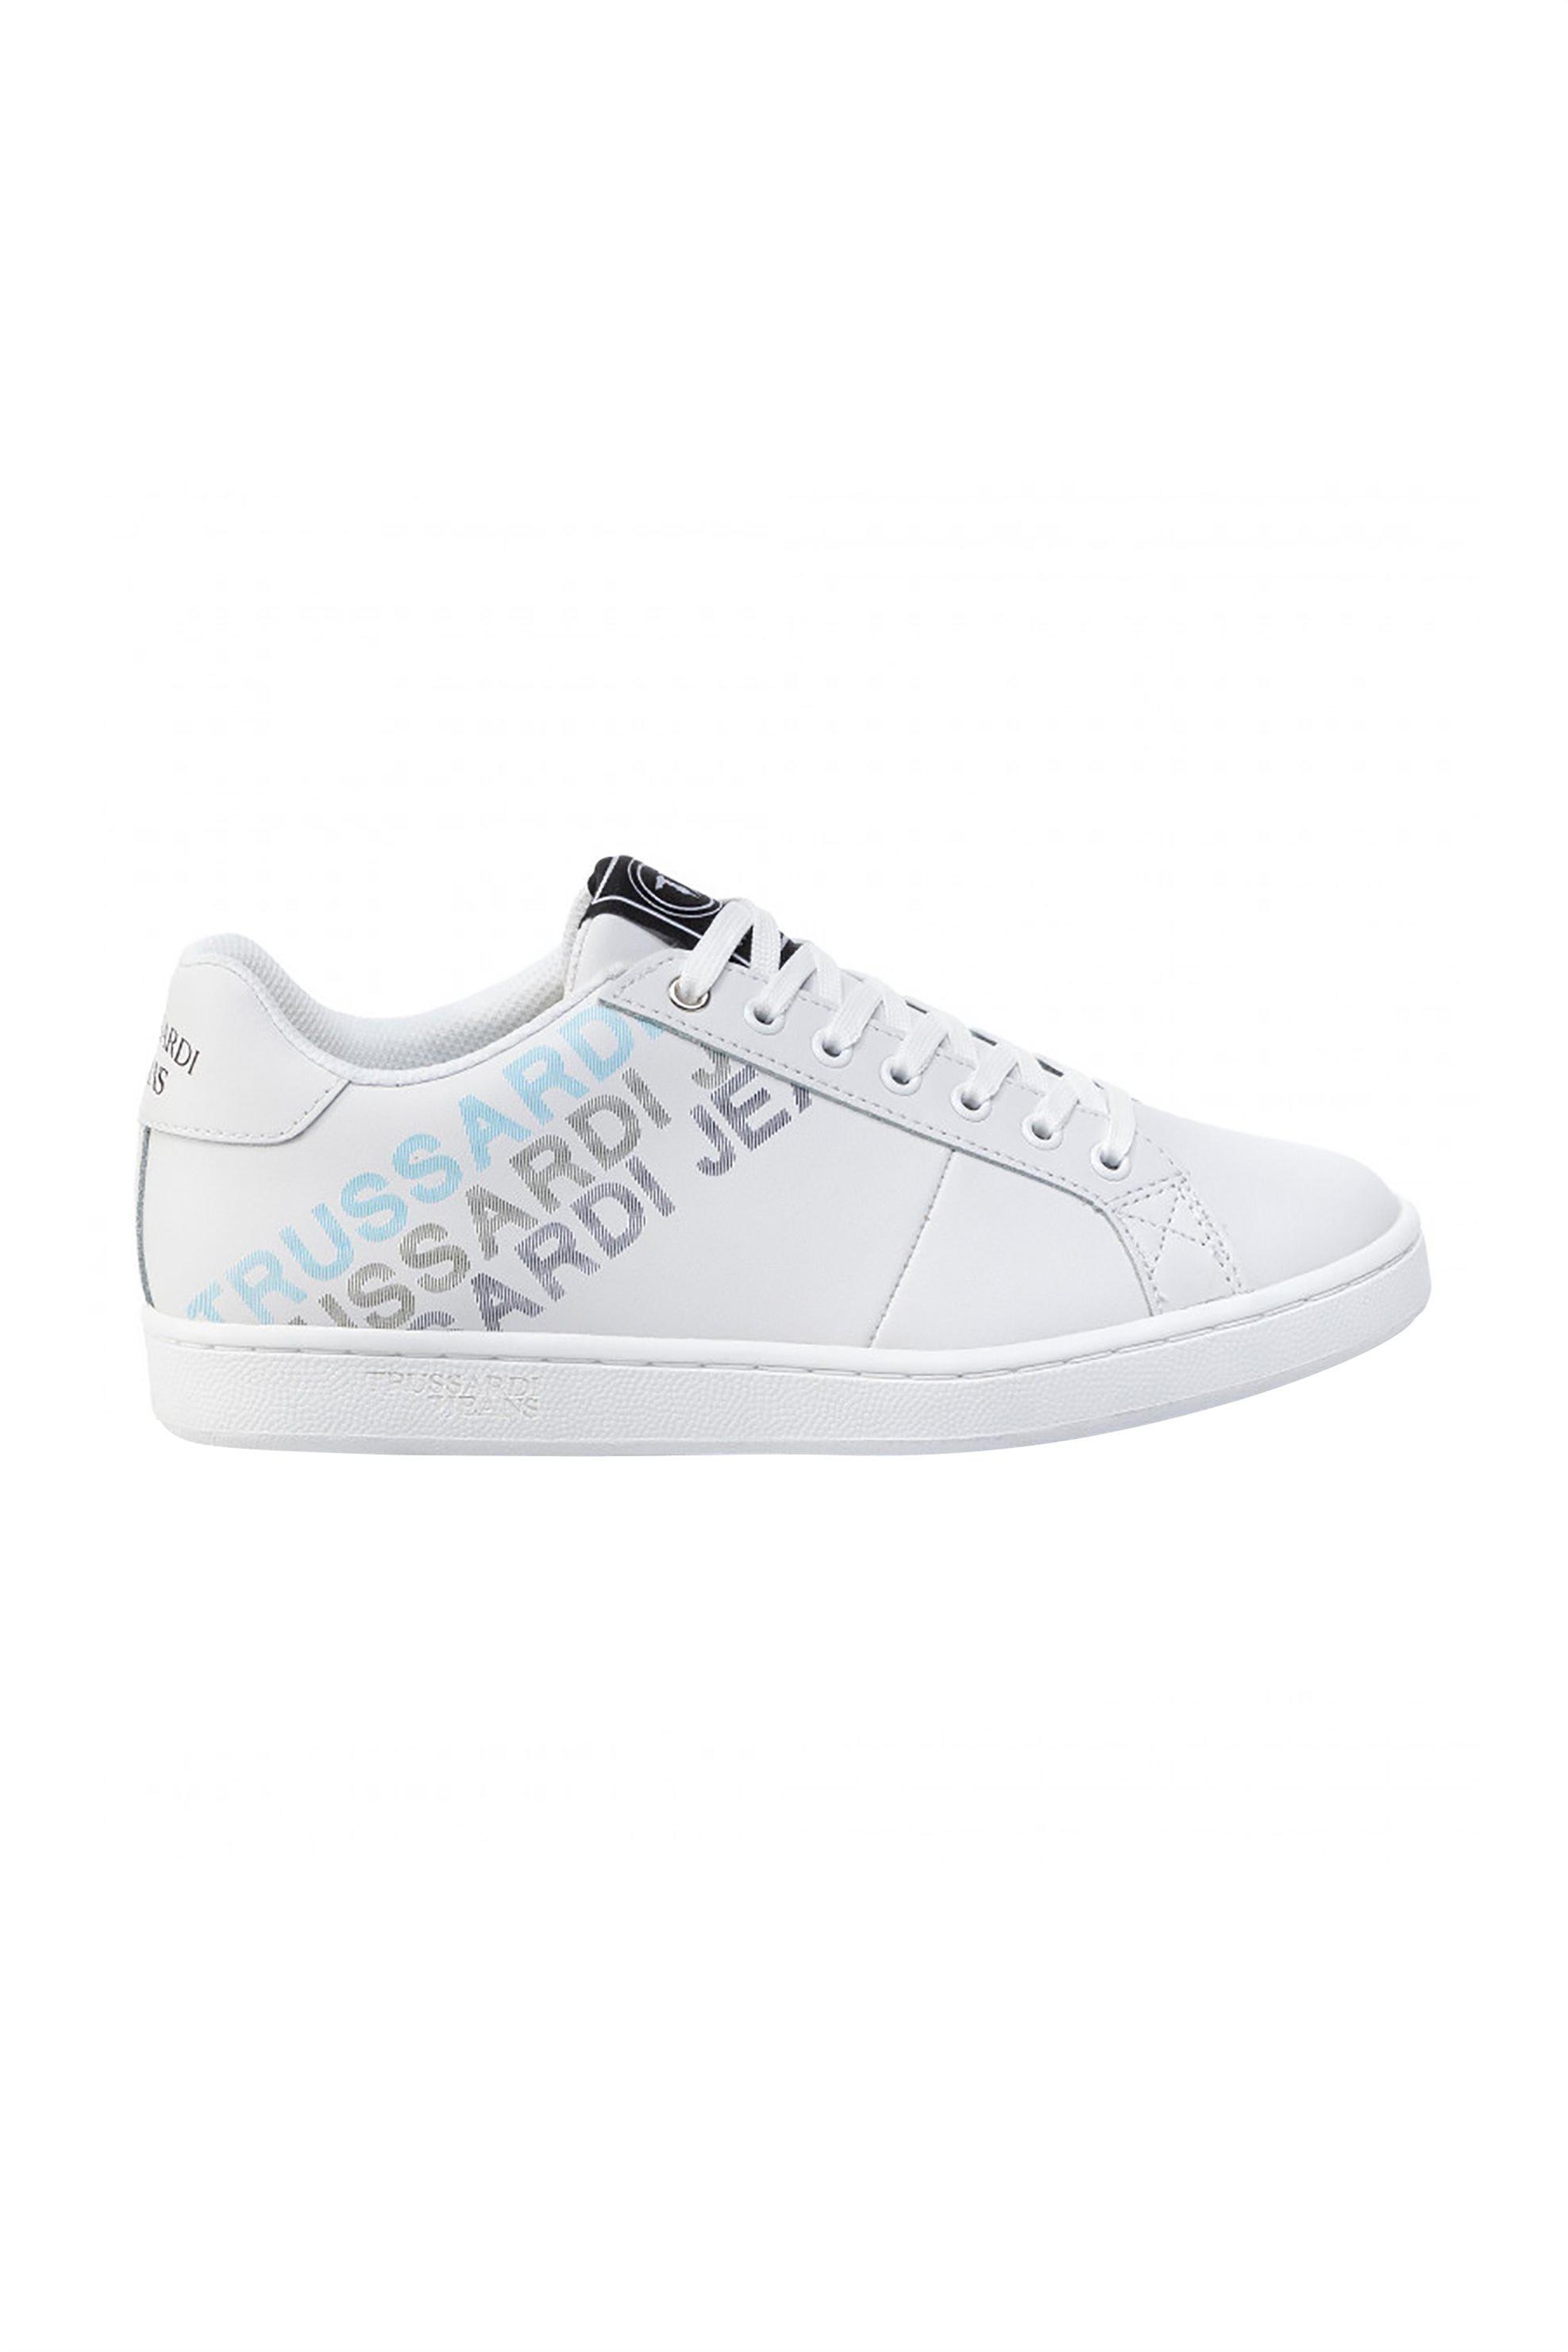 Τrussardi Jeans ανδρικά sneakers με τριπλό logo print – 77A00209-9Y099999 – Λευκό